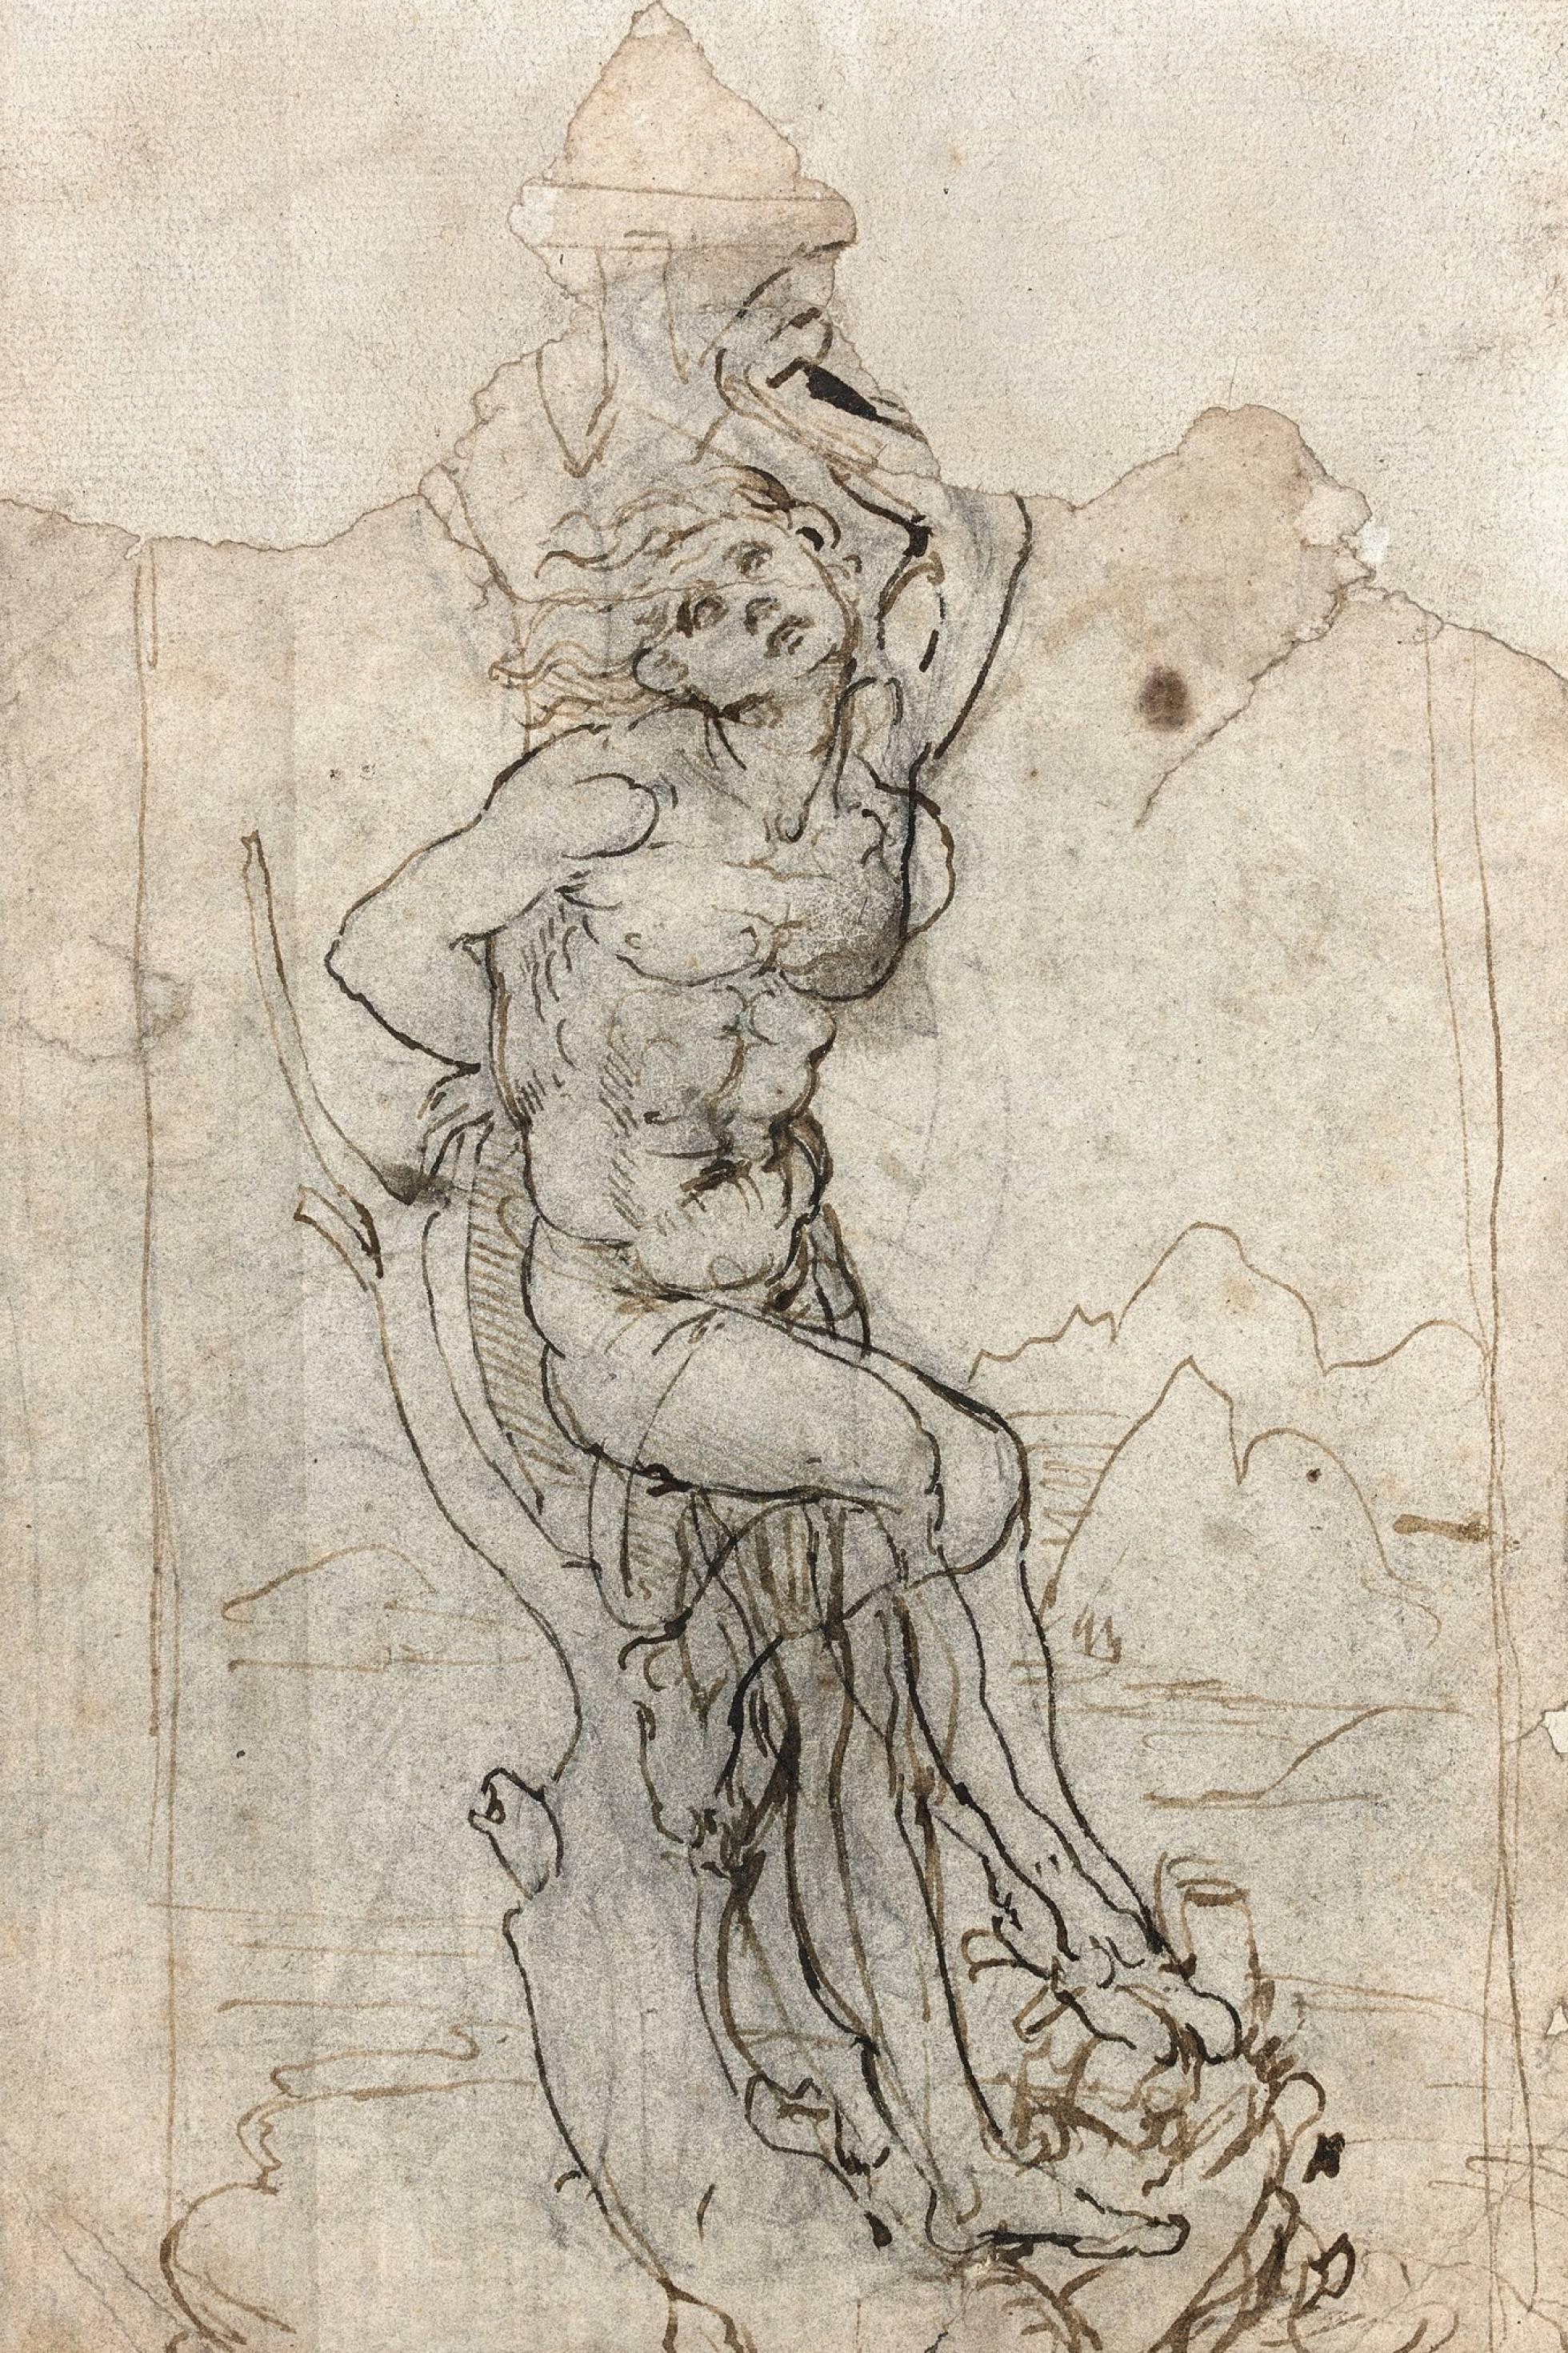 Entre los 14 dibujos guardados en la carpeta, figuraba un estudio del martirio de San Sebastián que, de acuerdo a Thadée Prate, el director del departamento de dibujos antiguos de la casa de subastas, recordaba a otros dibujos de Da Vinci.